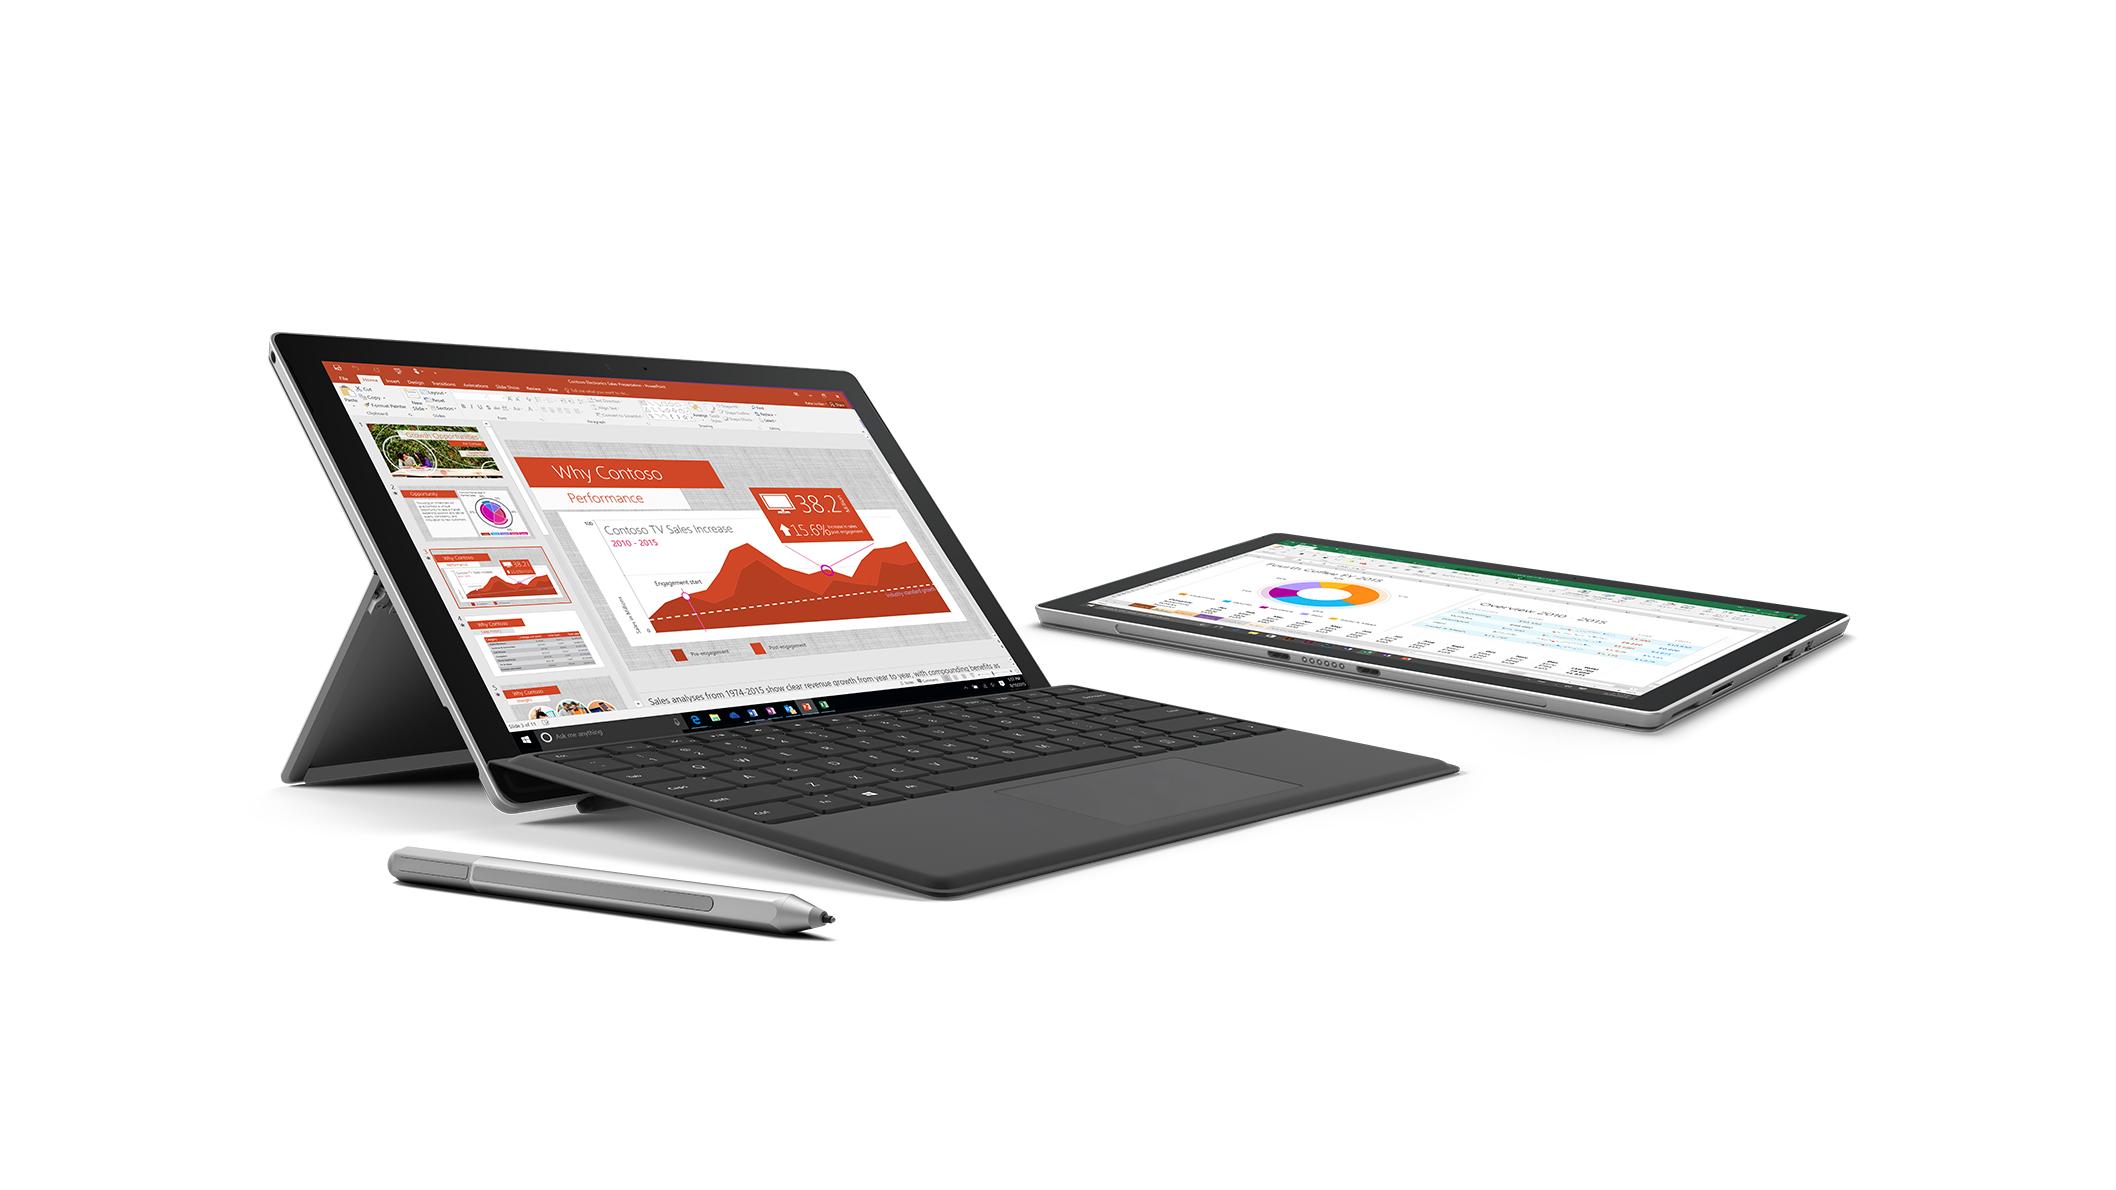 Surface Pro 4 avec couvercle de type noir, face droite, et Surface Pro 4 en tablette.  Les deux avec Office 365